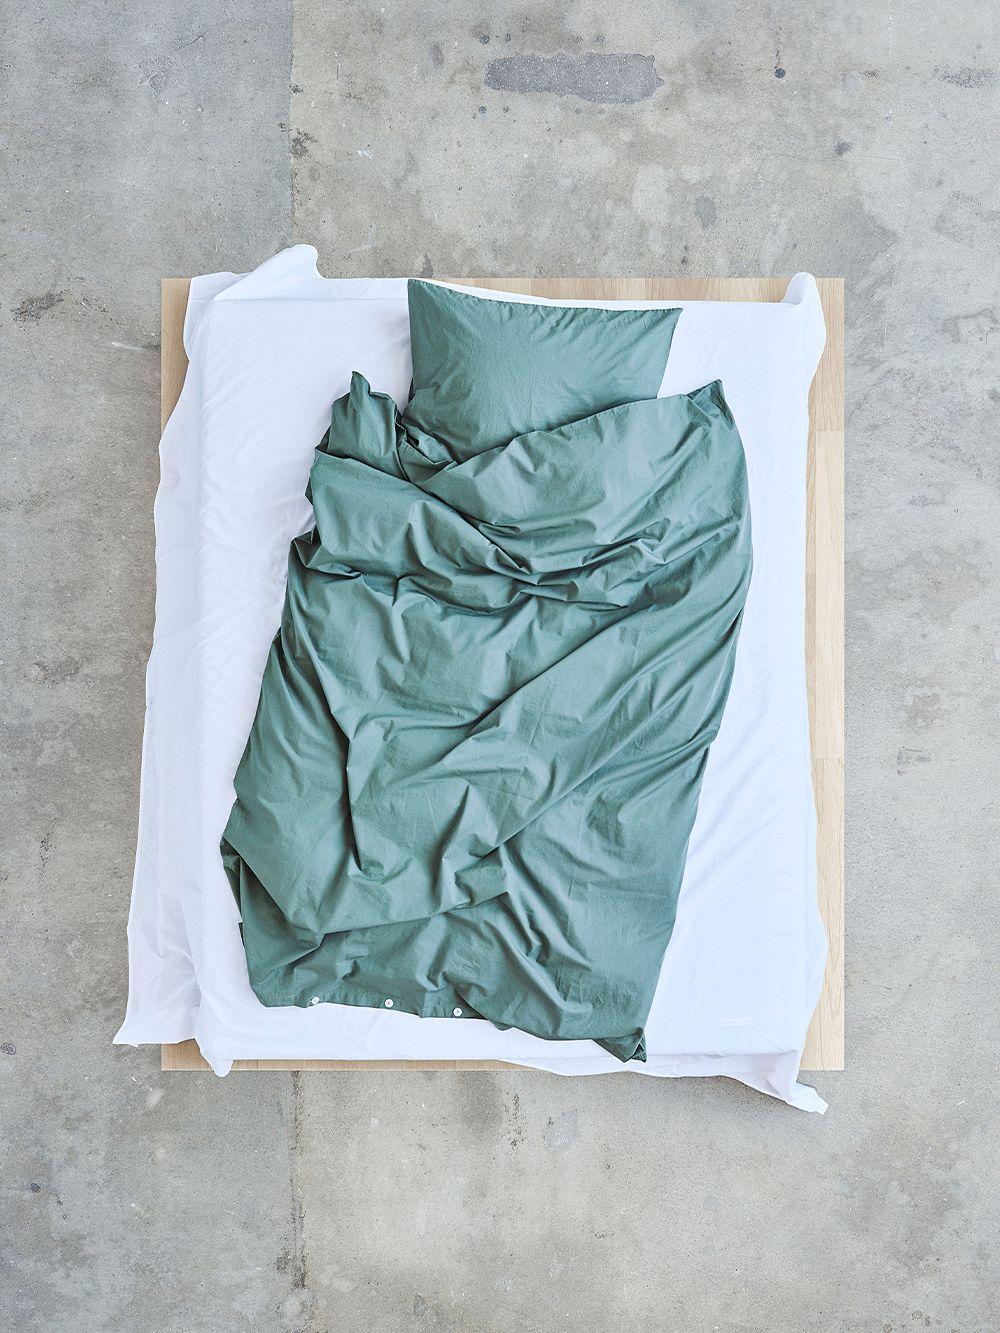 Tekla Single duvet cover, olive green